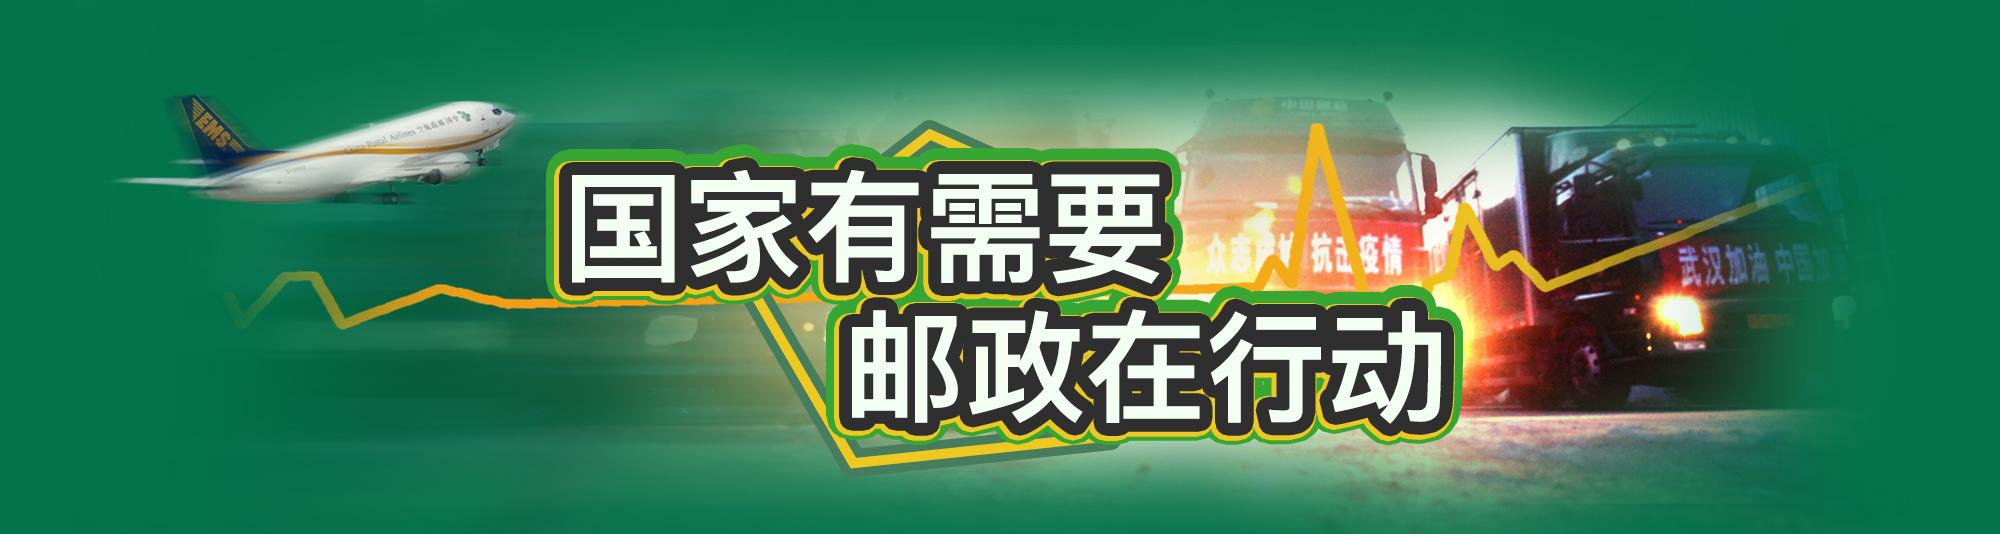 喜讯 | 祝贺:云南邮政顺利通过ISO27001和ISO9001认证审核